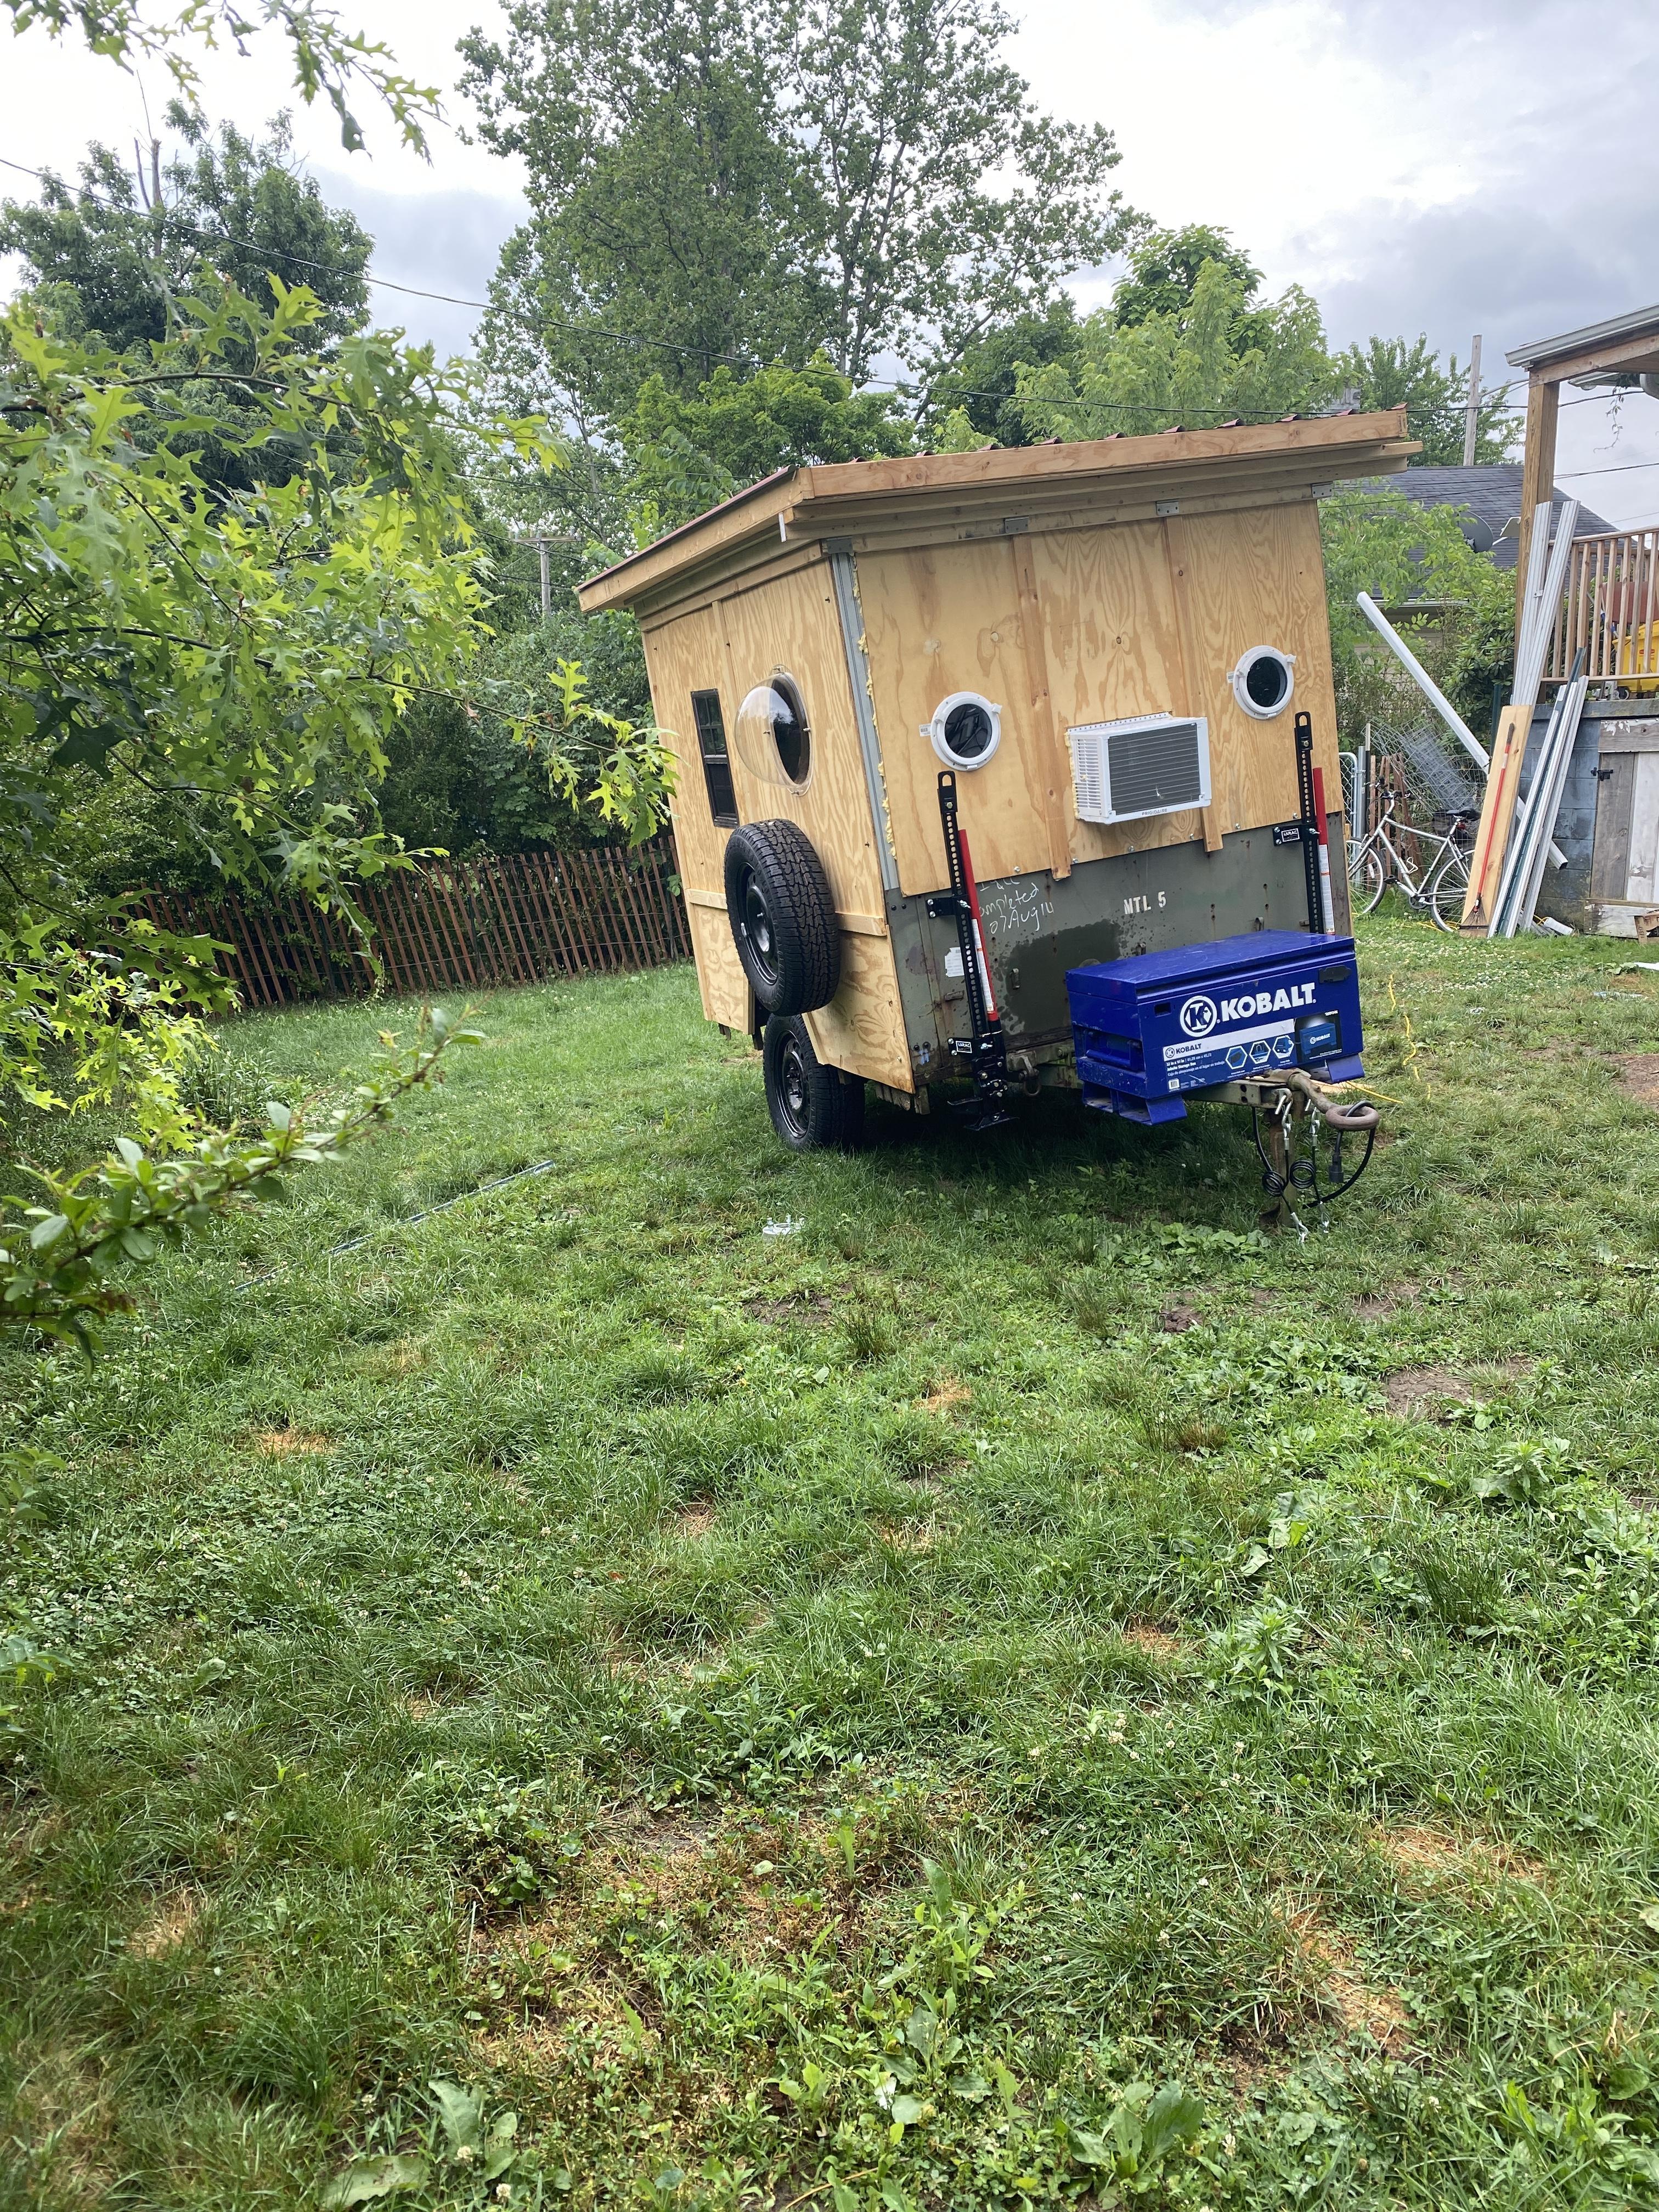 Diy overland camper on military trailer-6105be58-af37-483e-8c85-b130f677adfd_1593351321238.jpeg